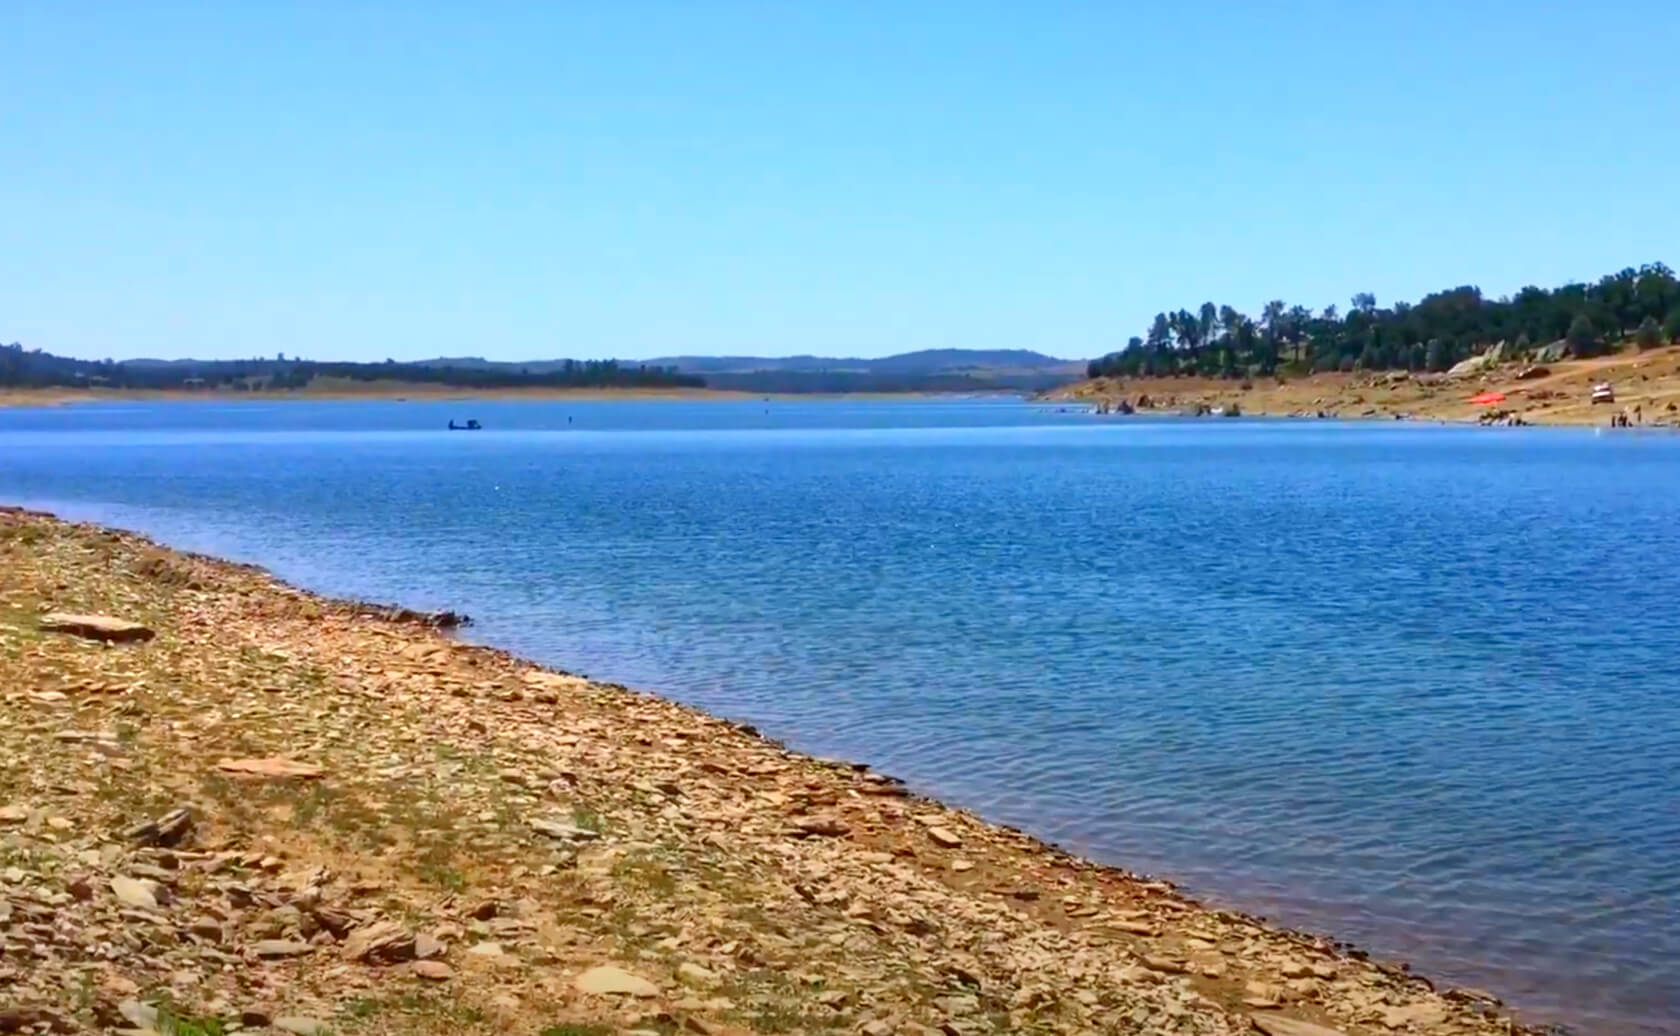 New-Hogan-Lake-Fishing-Guide-Report-California-06